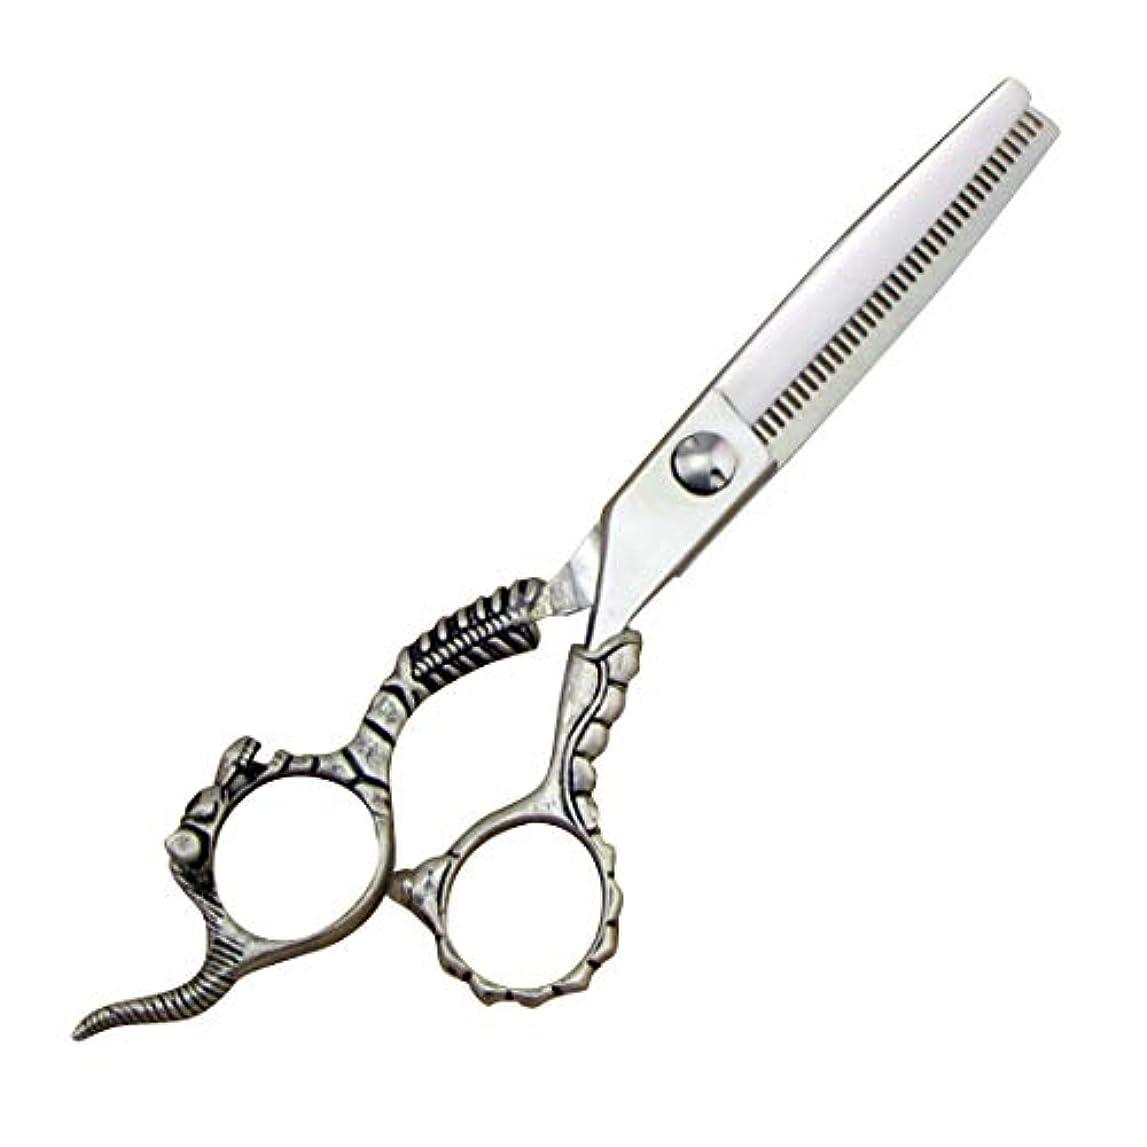 花火マージパットバリカンはさみプロ理髪はさみ - 理髪はさみセット - ステンレス鋼の歯はさみ&フラットせん断 ヘアケア (色 : Silver)